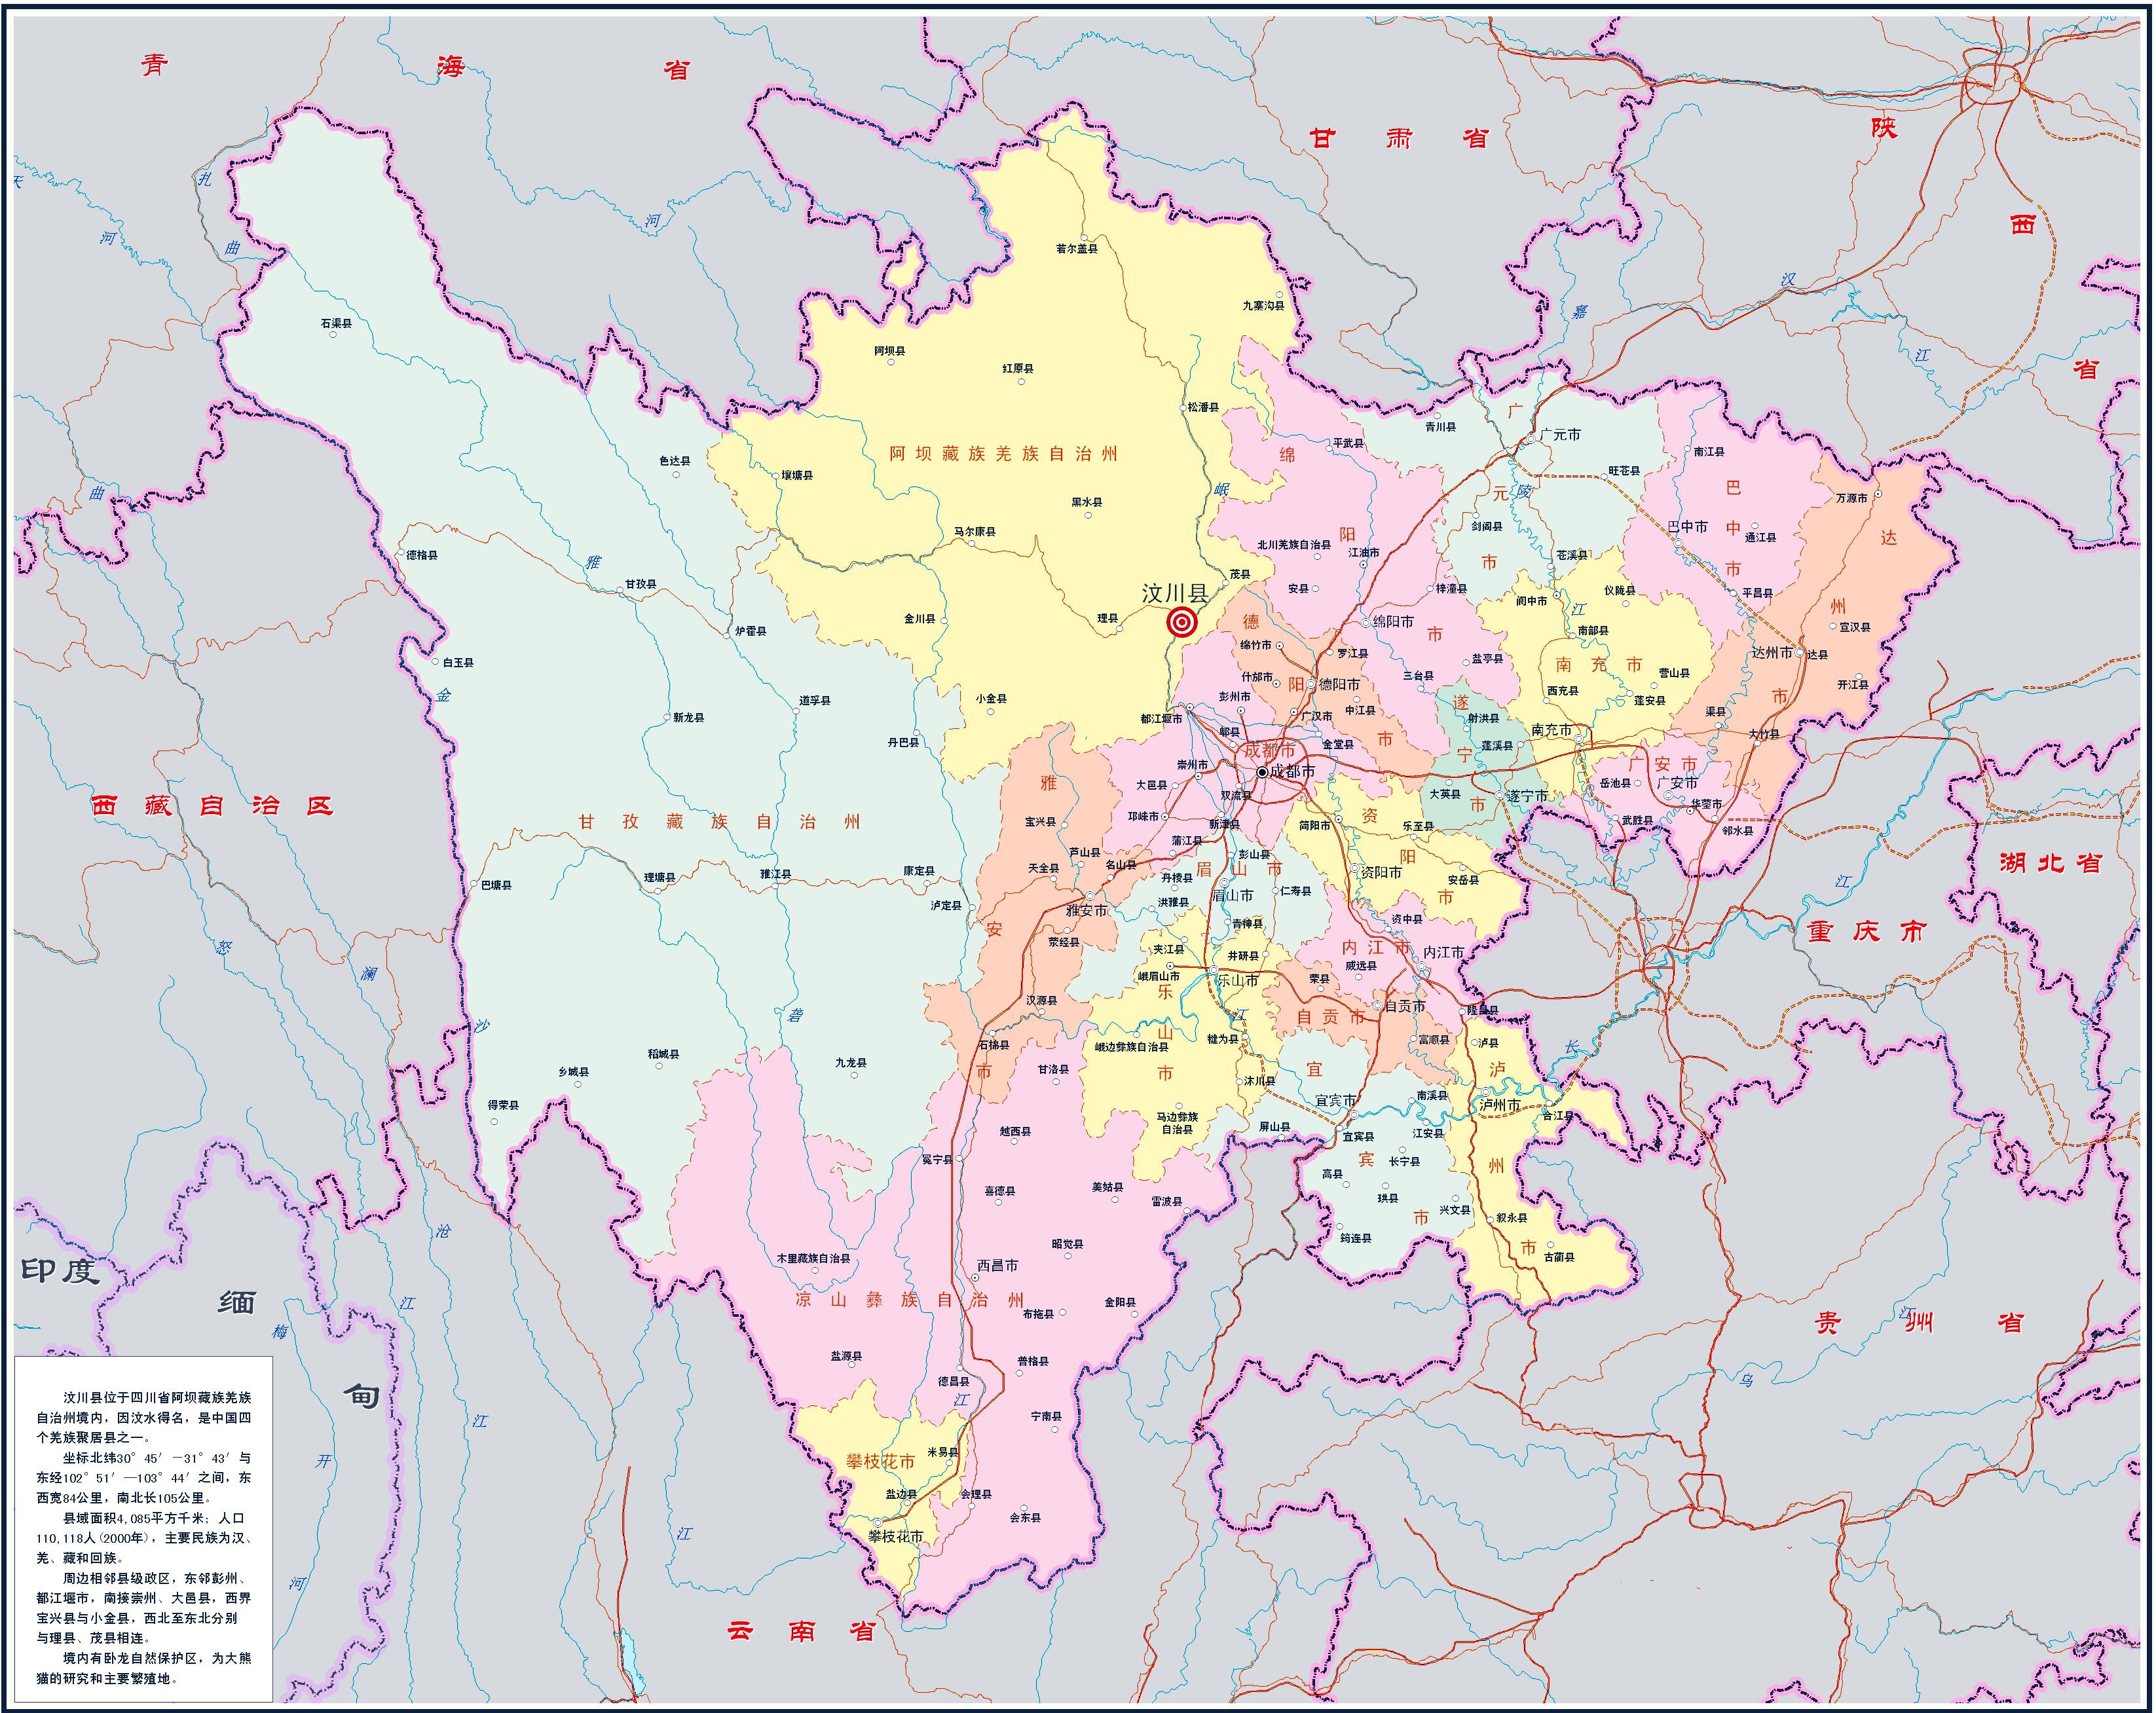 四川地图高清政区版